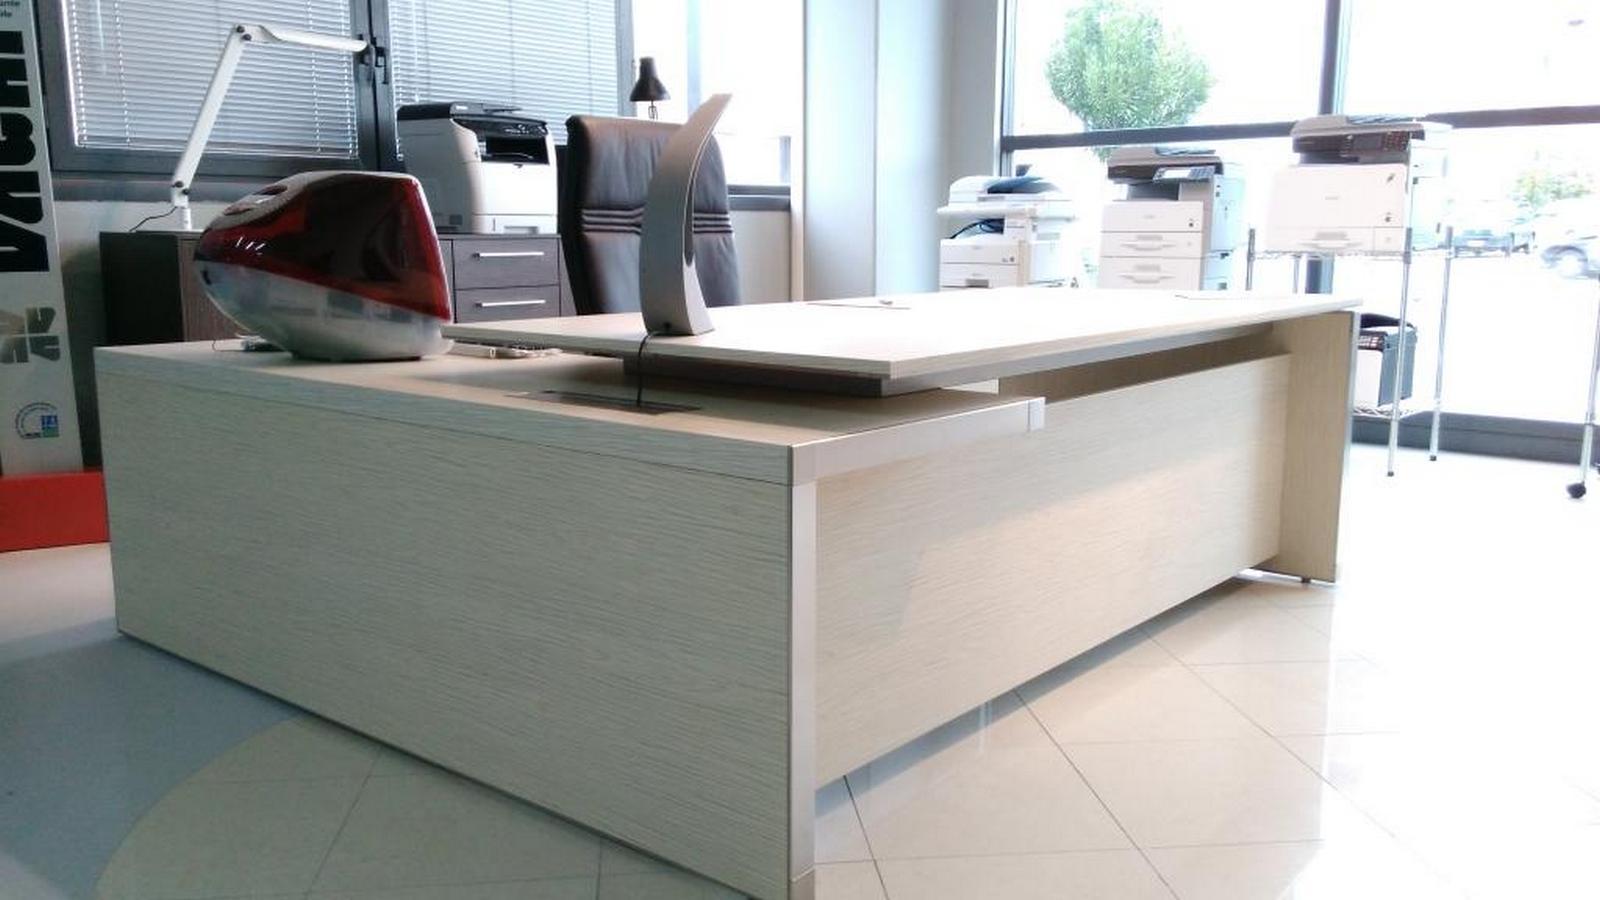 Las mobili per ufficio eos scrivanie legno arredo for Mobili ufficio outlet